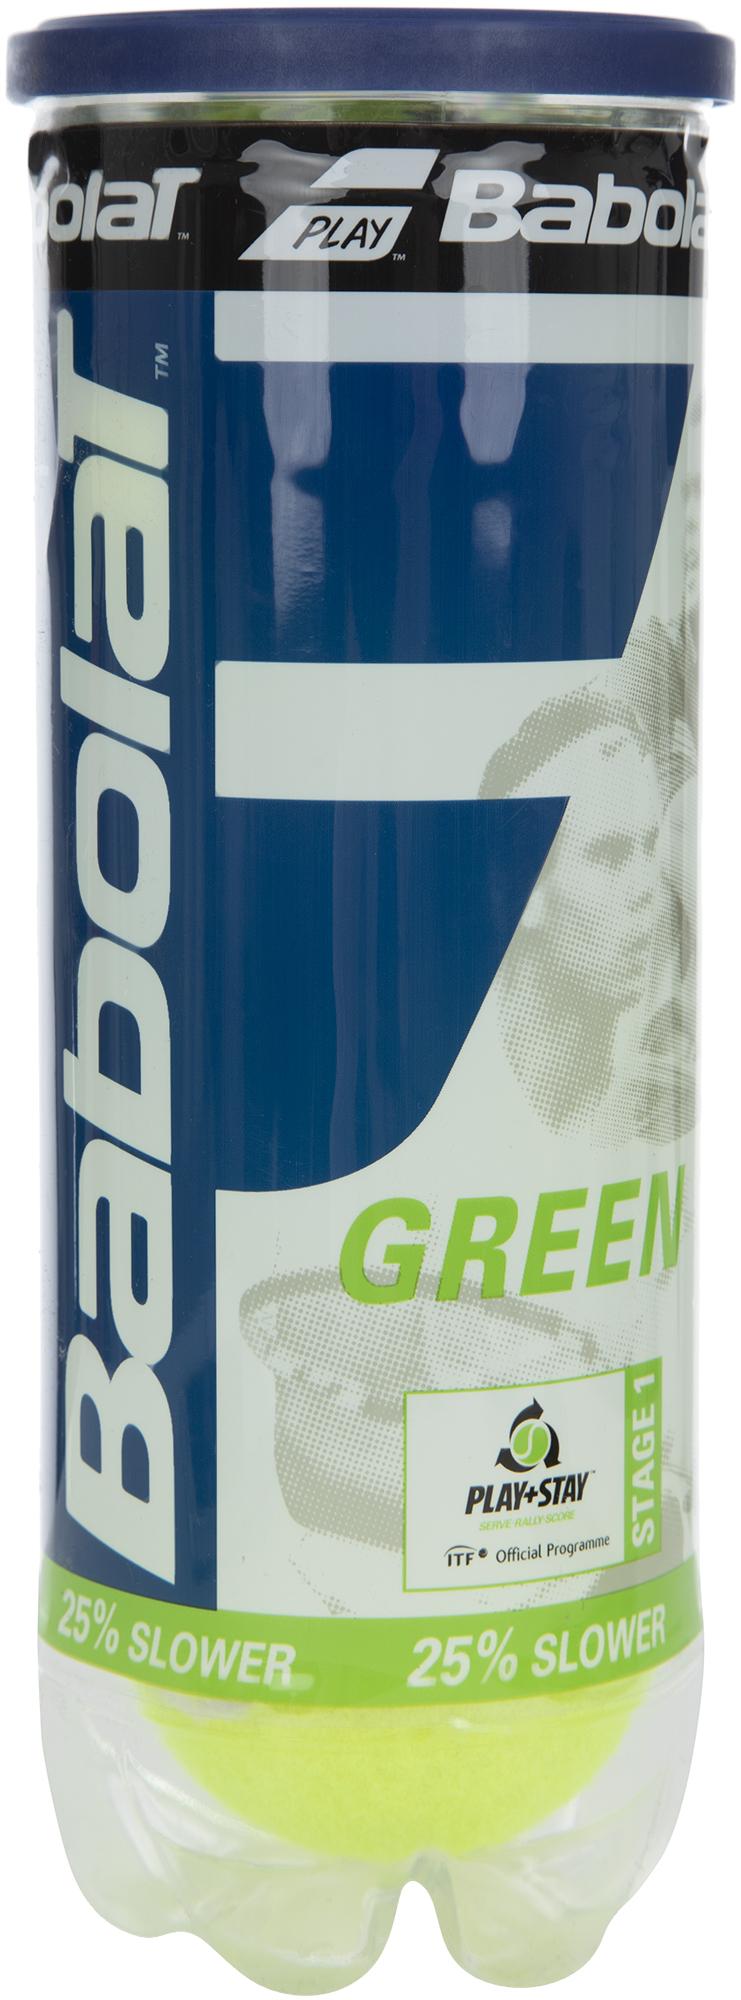 Babolat Набор теннисных мячей Babolat Green X3 babolat набор мячей для большого тенниса babolat championship x3 размер без размера